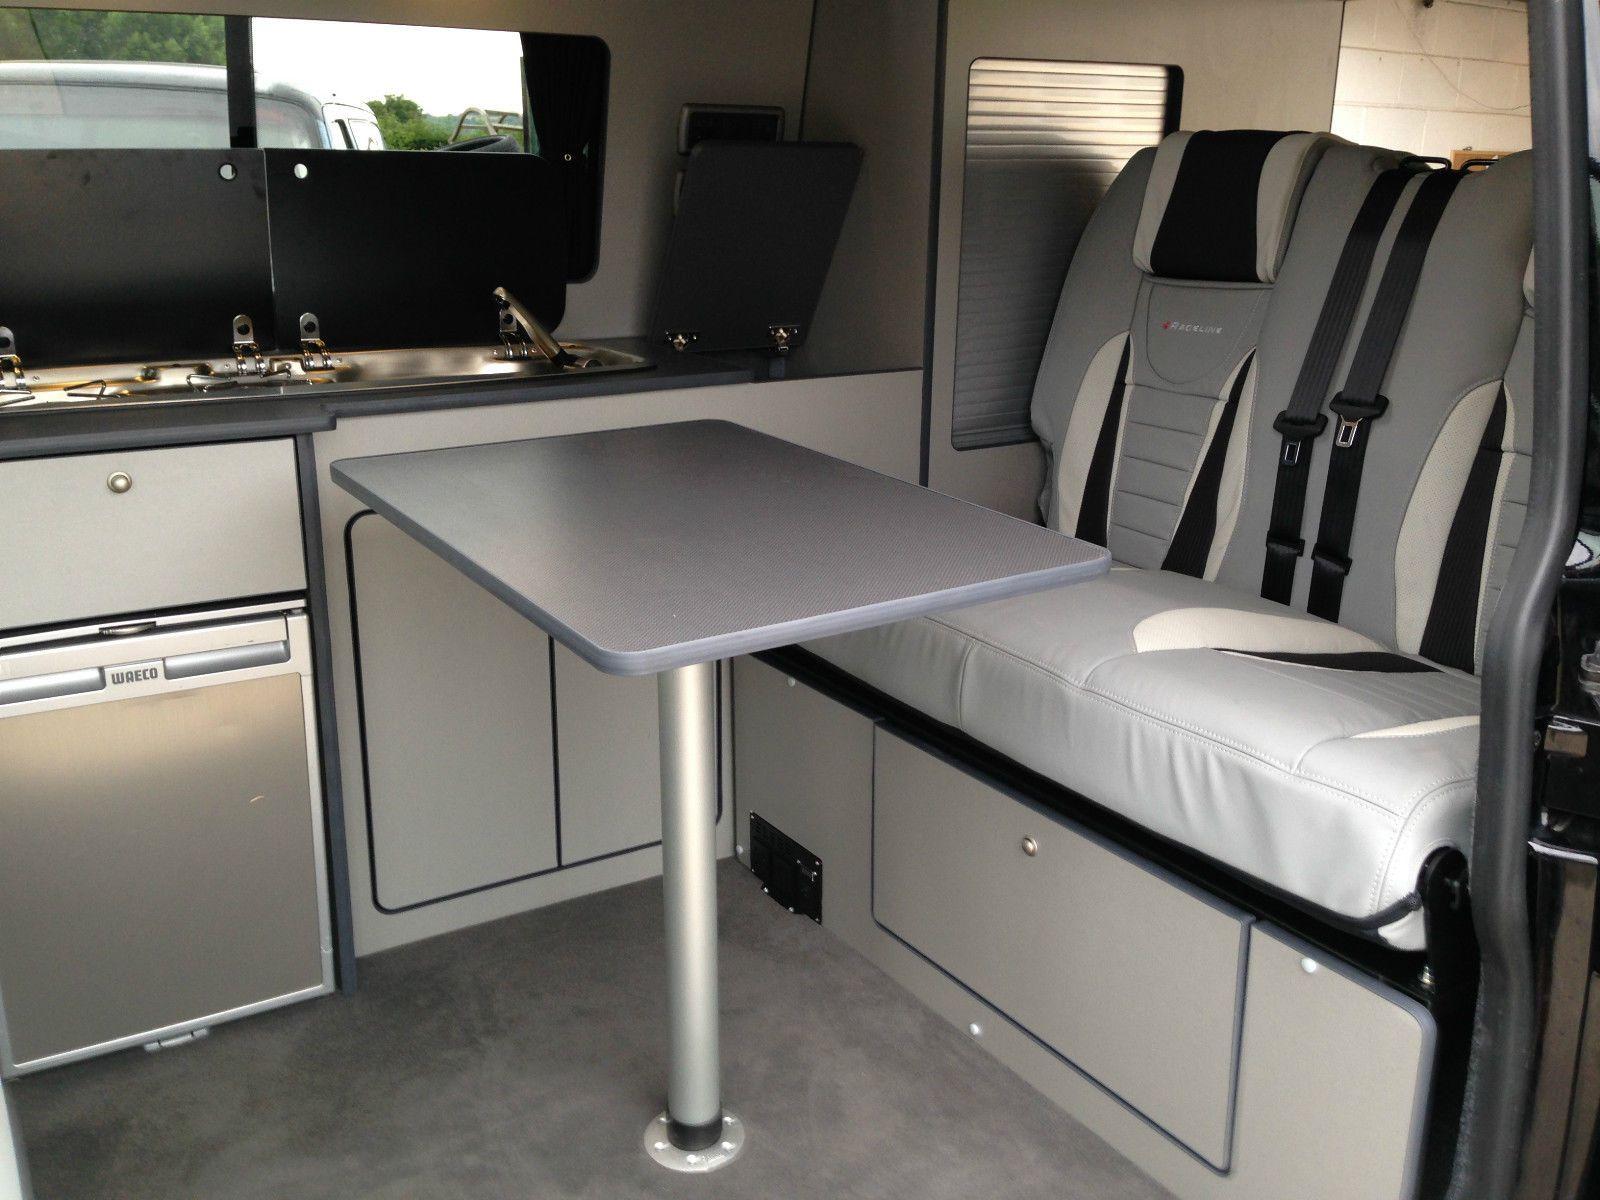 VW T6 Lightweight Flatpack Campervan Kitchen Unit - Majestic Wood